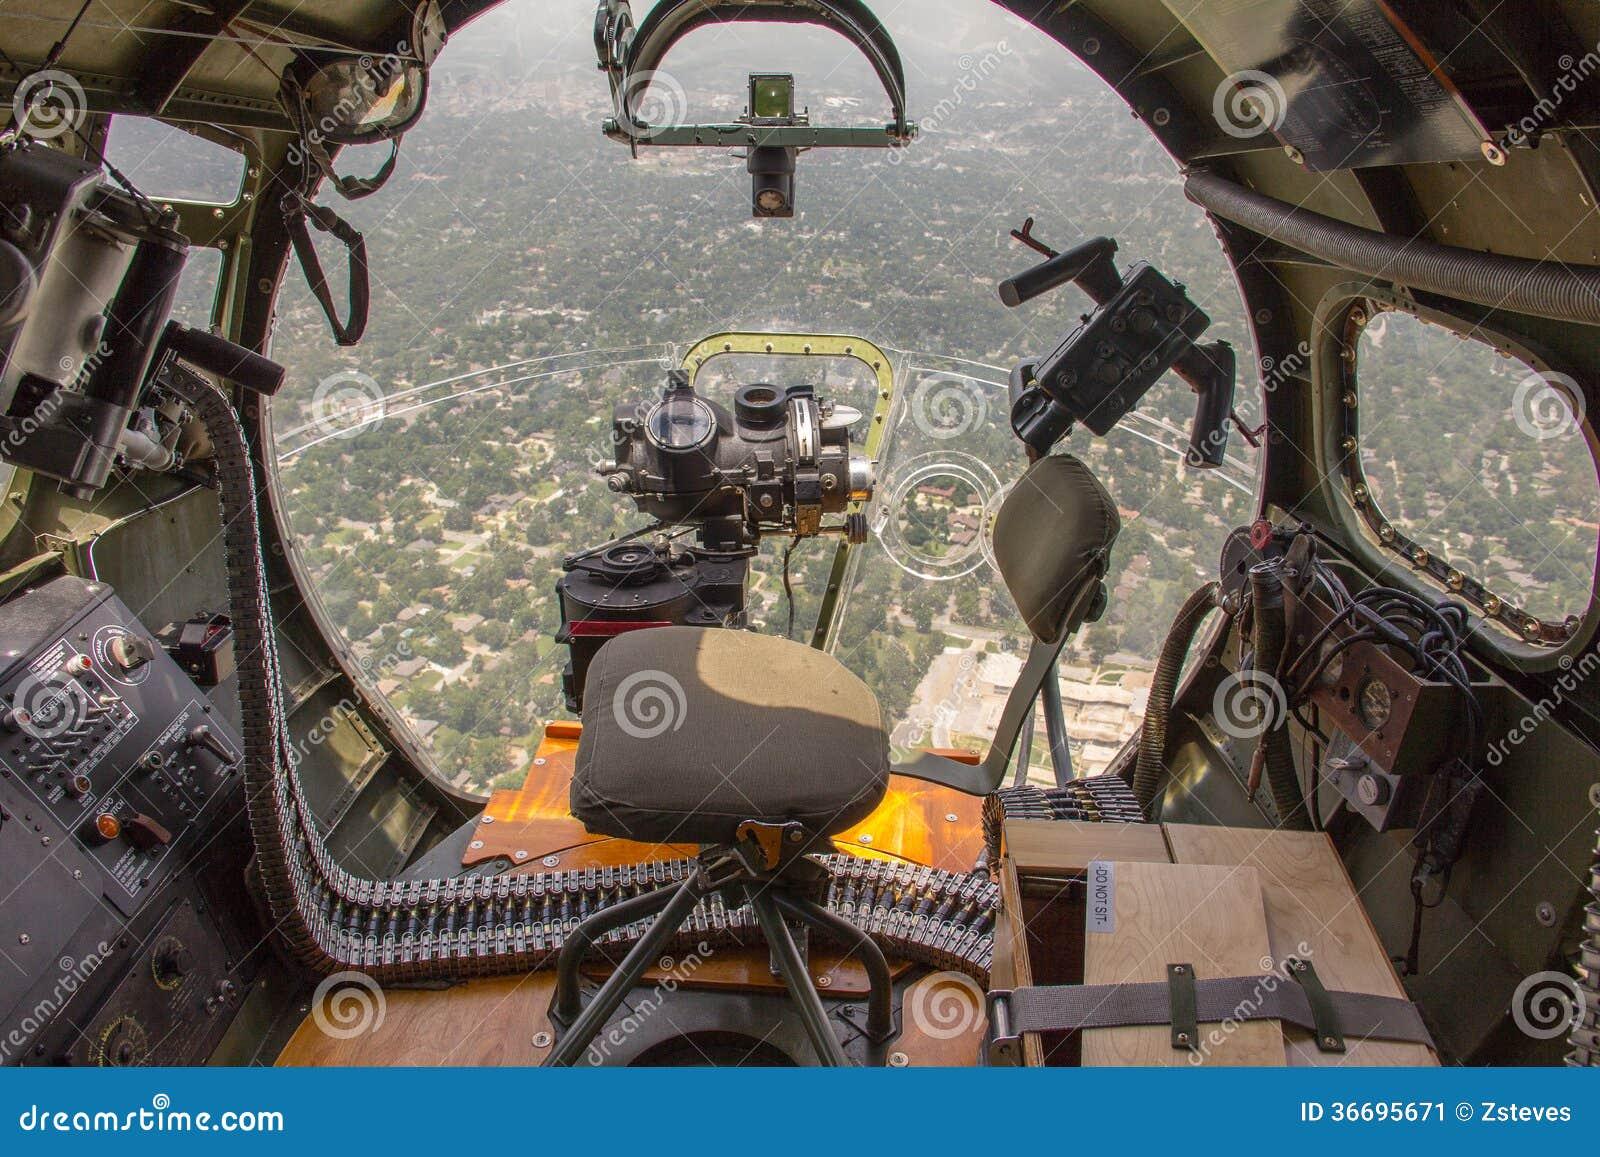 B-17 Bomber Nose Gun Stock Image - Image: 36695671